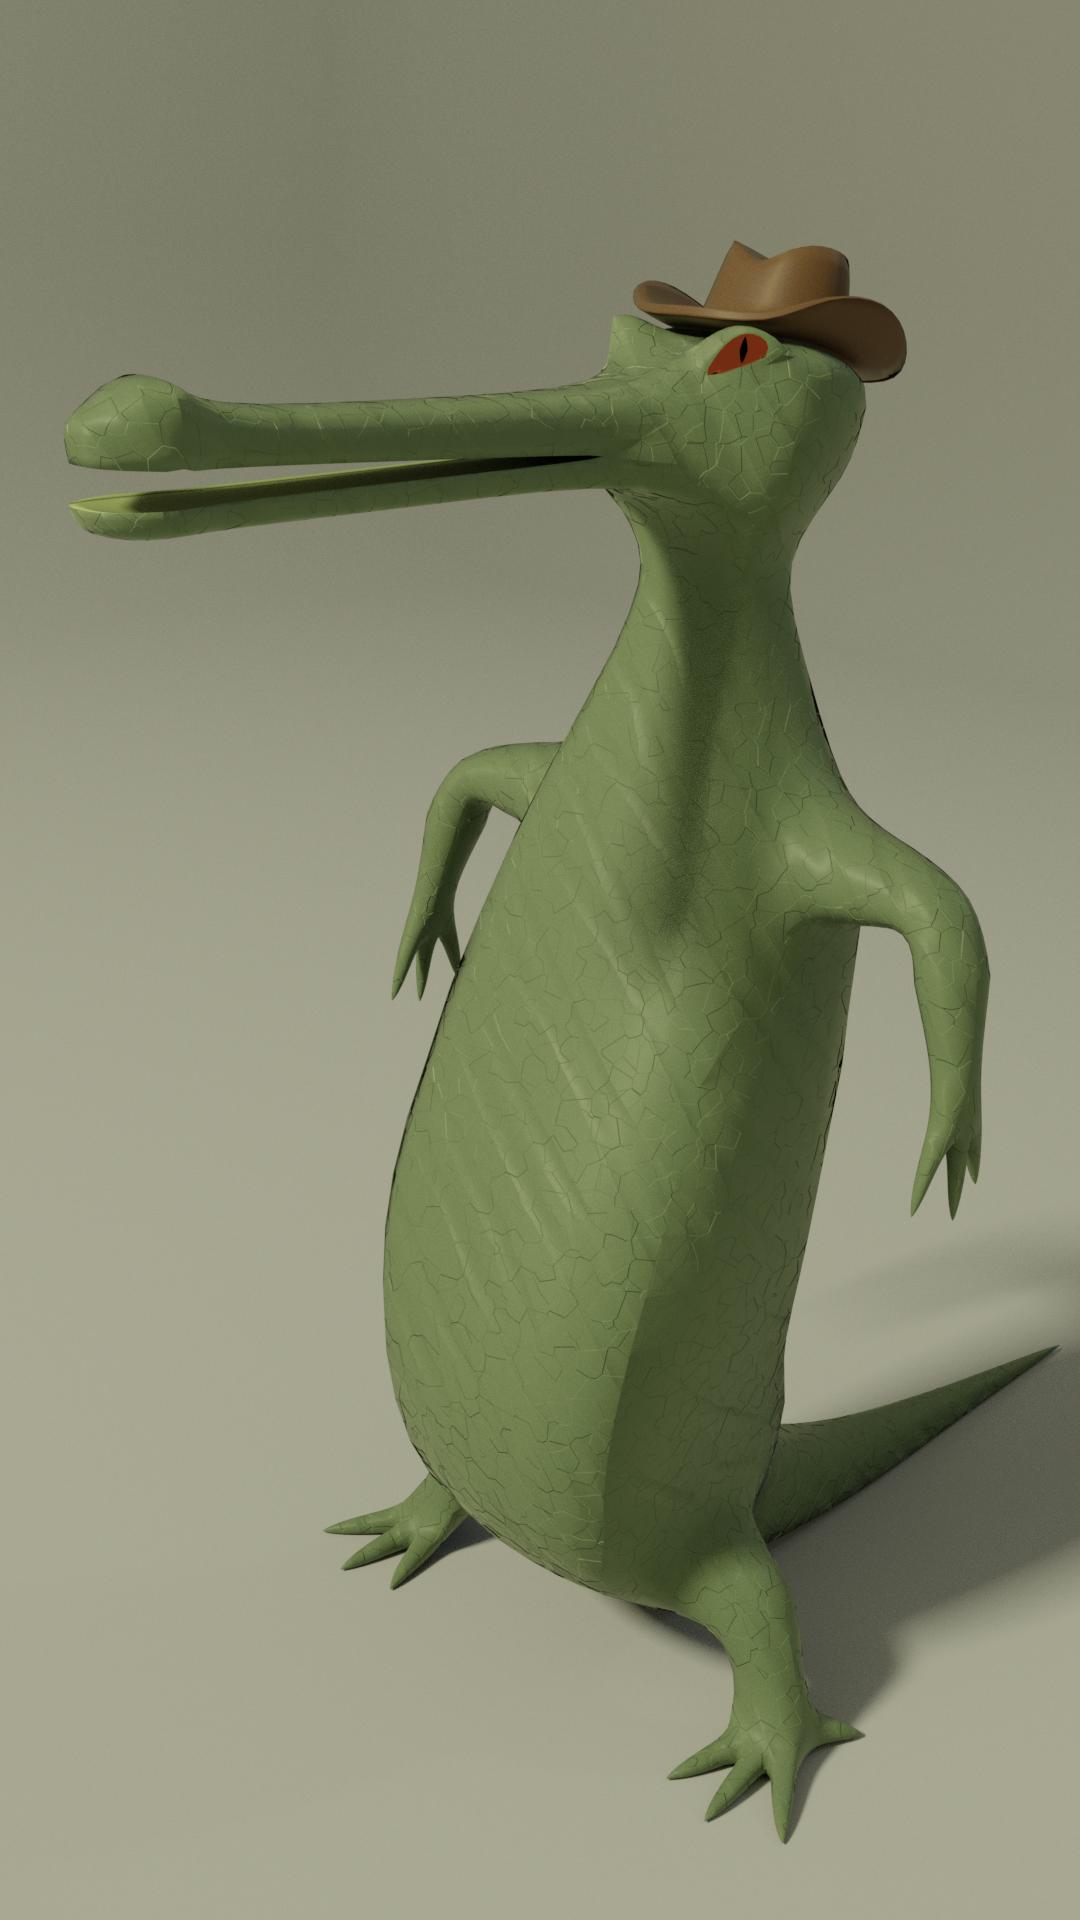 Bold gavial